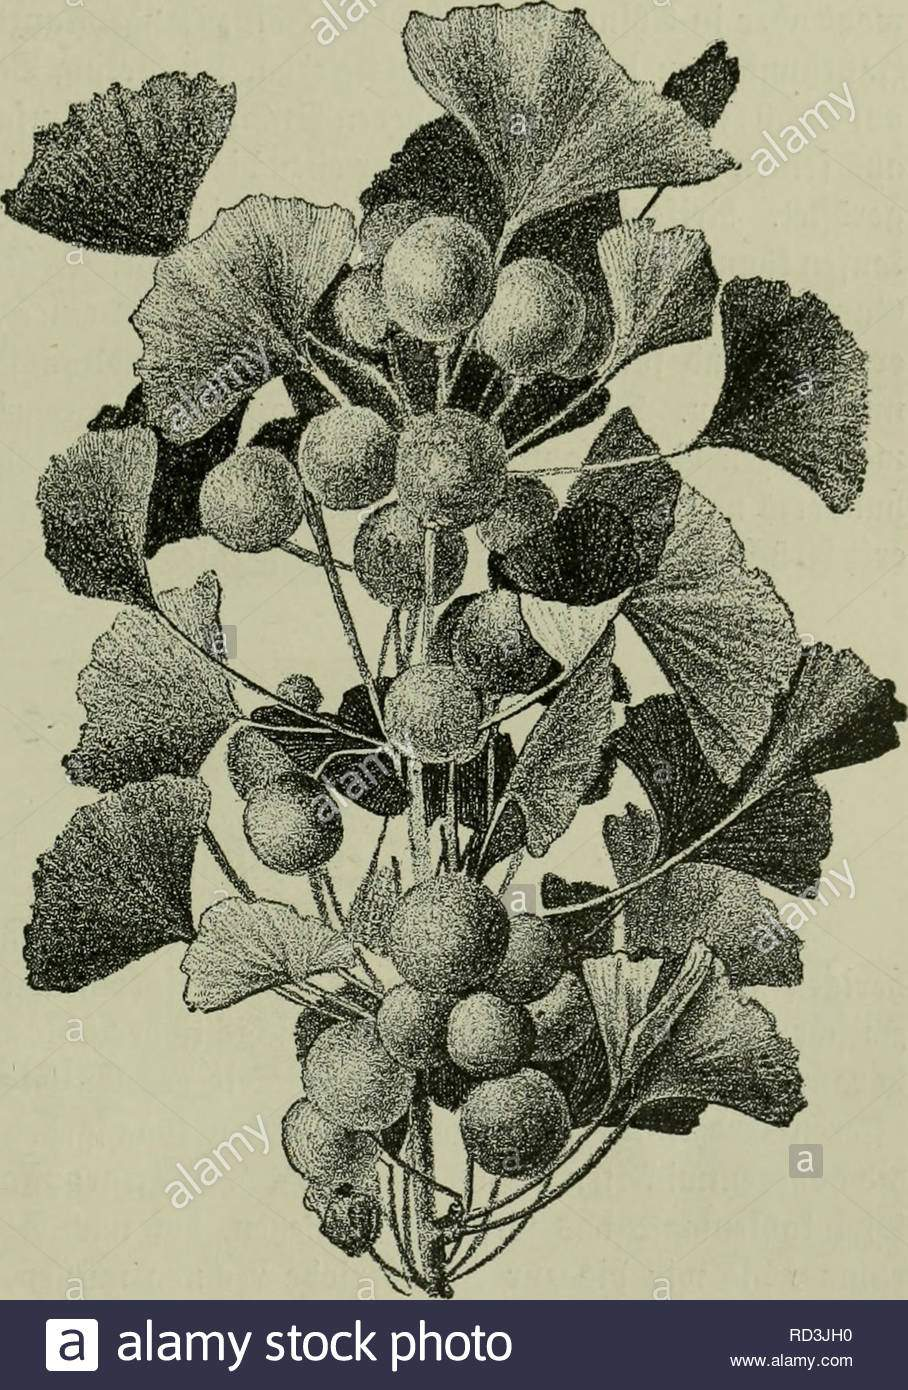 das leben der pflanze plants plants plants phytogeography ingfo 63 ein fonberbar cmif von urrteltlt=fcmbartigcn unb gewolnt pflansenaftcn erfetnungcn ift bte ugleic ein unermblicer wdmx be pflanliden 3nnen= ieben ntd t 511 uerg en tcine elcftion ferne pijfalifccemtfcen iefee er flren ha ufammcnfptel burc ba fii eine arnpalme befrutet stur irc aiel fttebtgc iecfafte elb tttigfett bie baju roaraft raffinierter witttl bebient sie an ba onb geftiegene 55ffan3e mit bcm saffer ange= pater 5efrutung bereitet fid felb RD3JH0